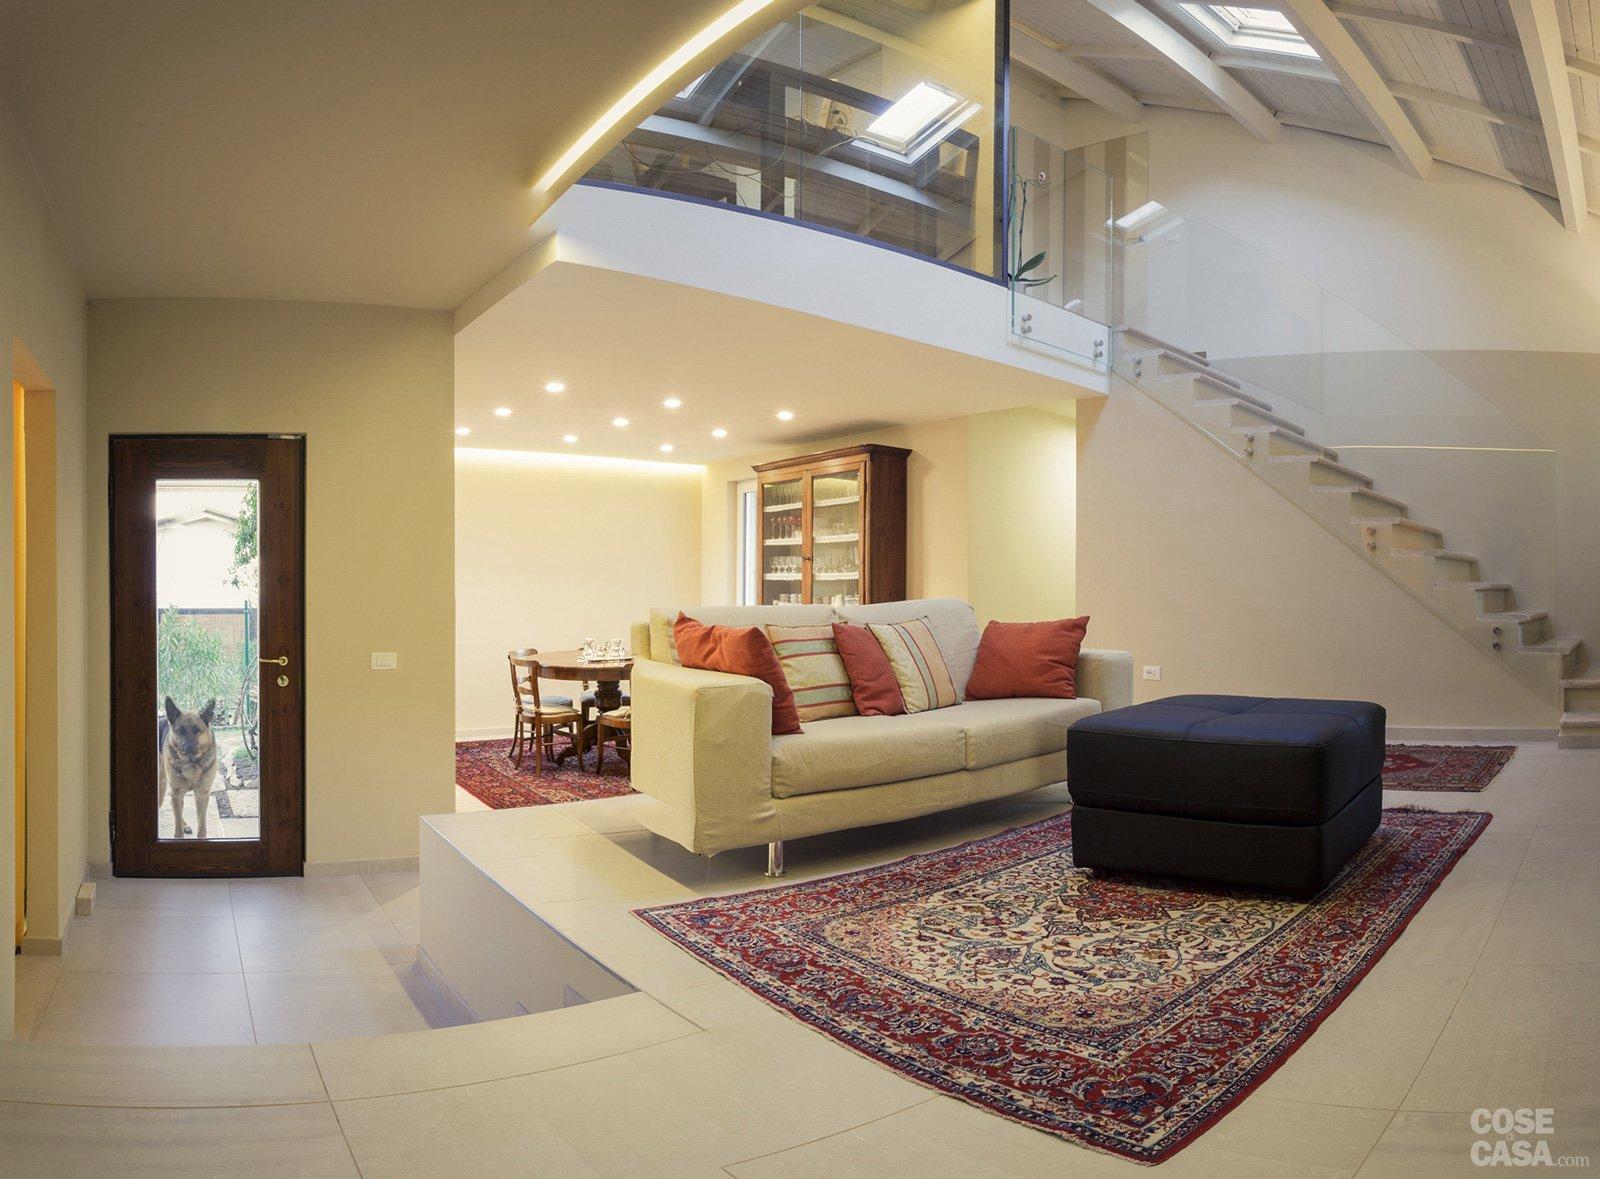 Una casa ristrutturata per il risparmio energetico cose for Case antiche ristrutturate